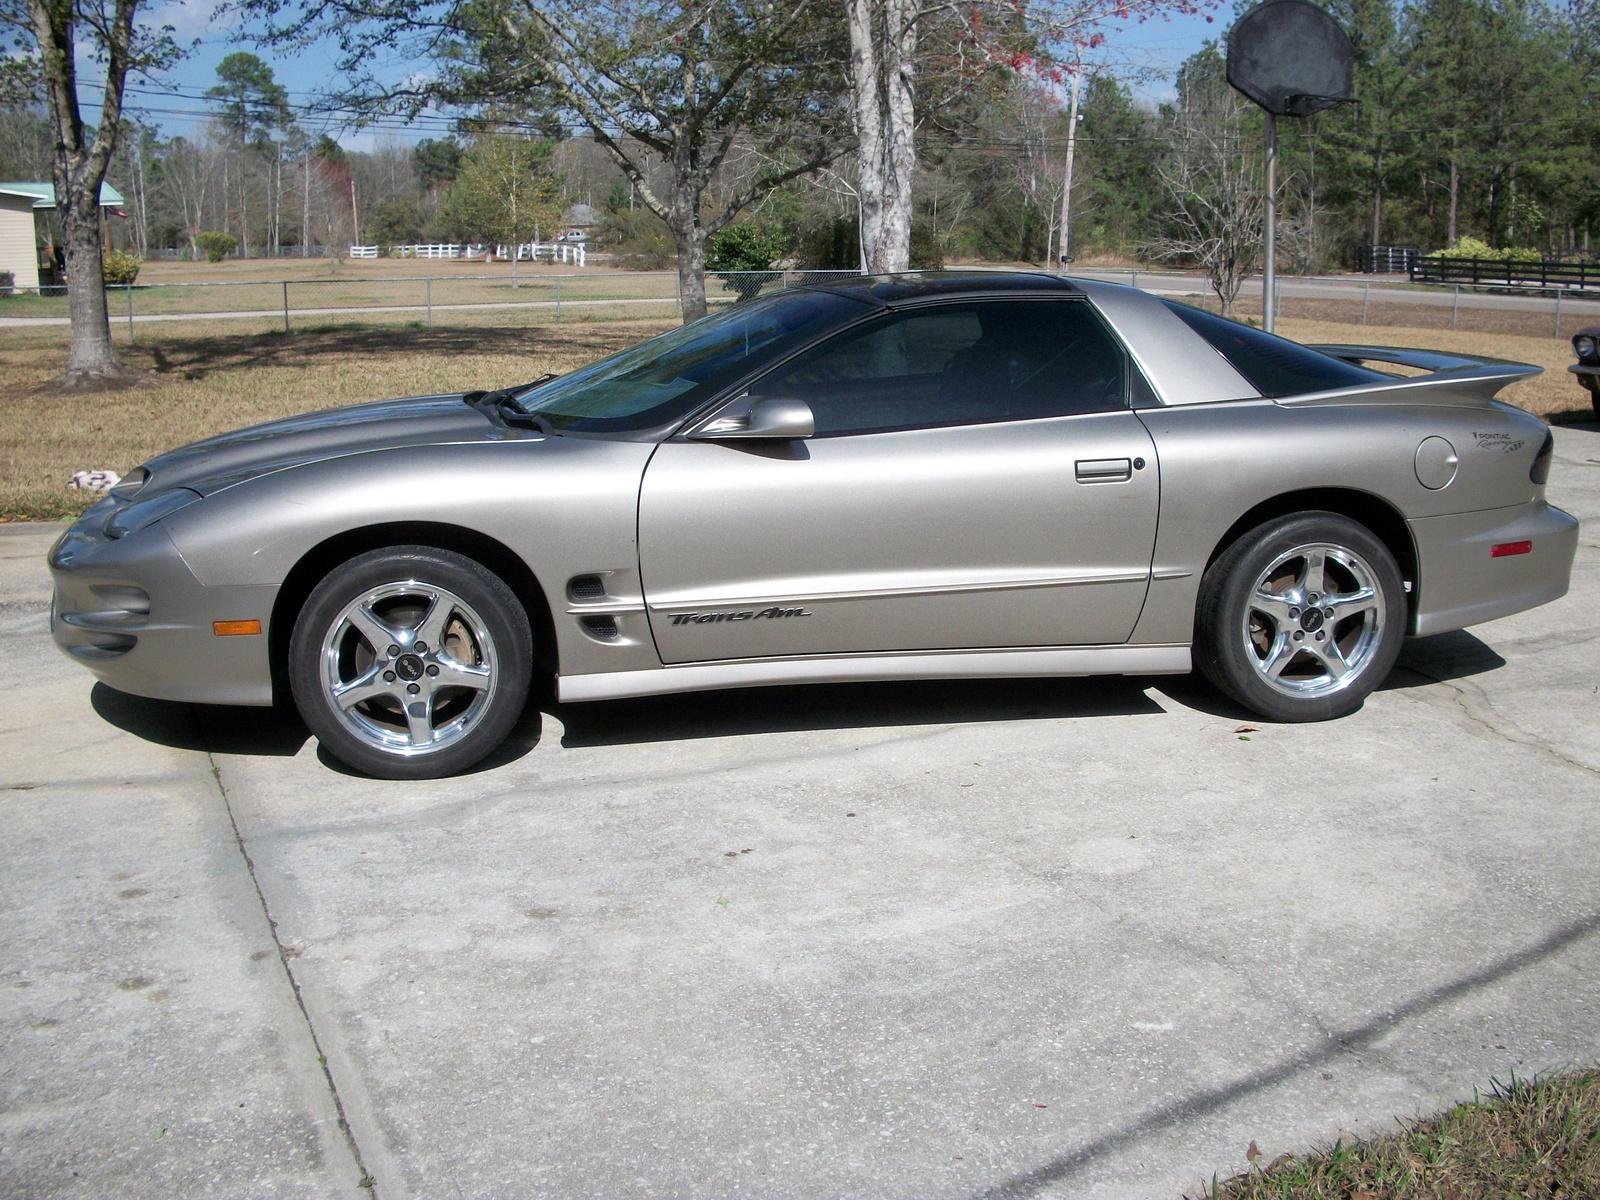 2000 Pontiac Trans Am - Pictures